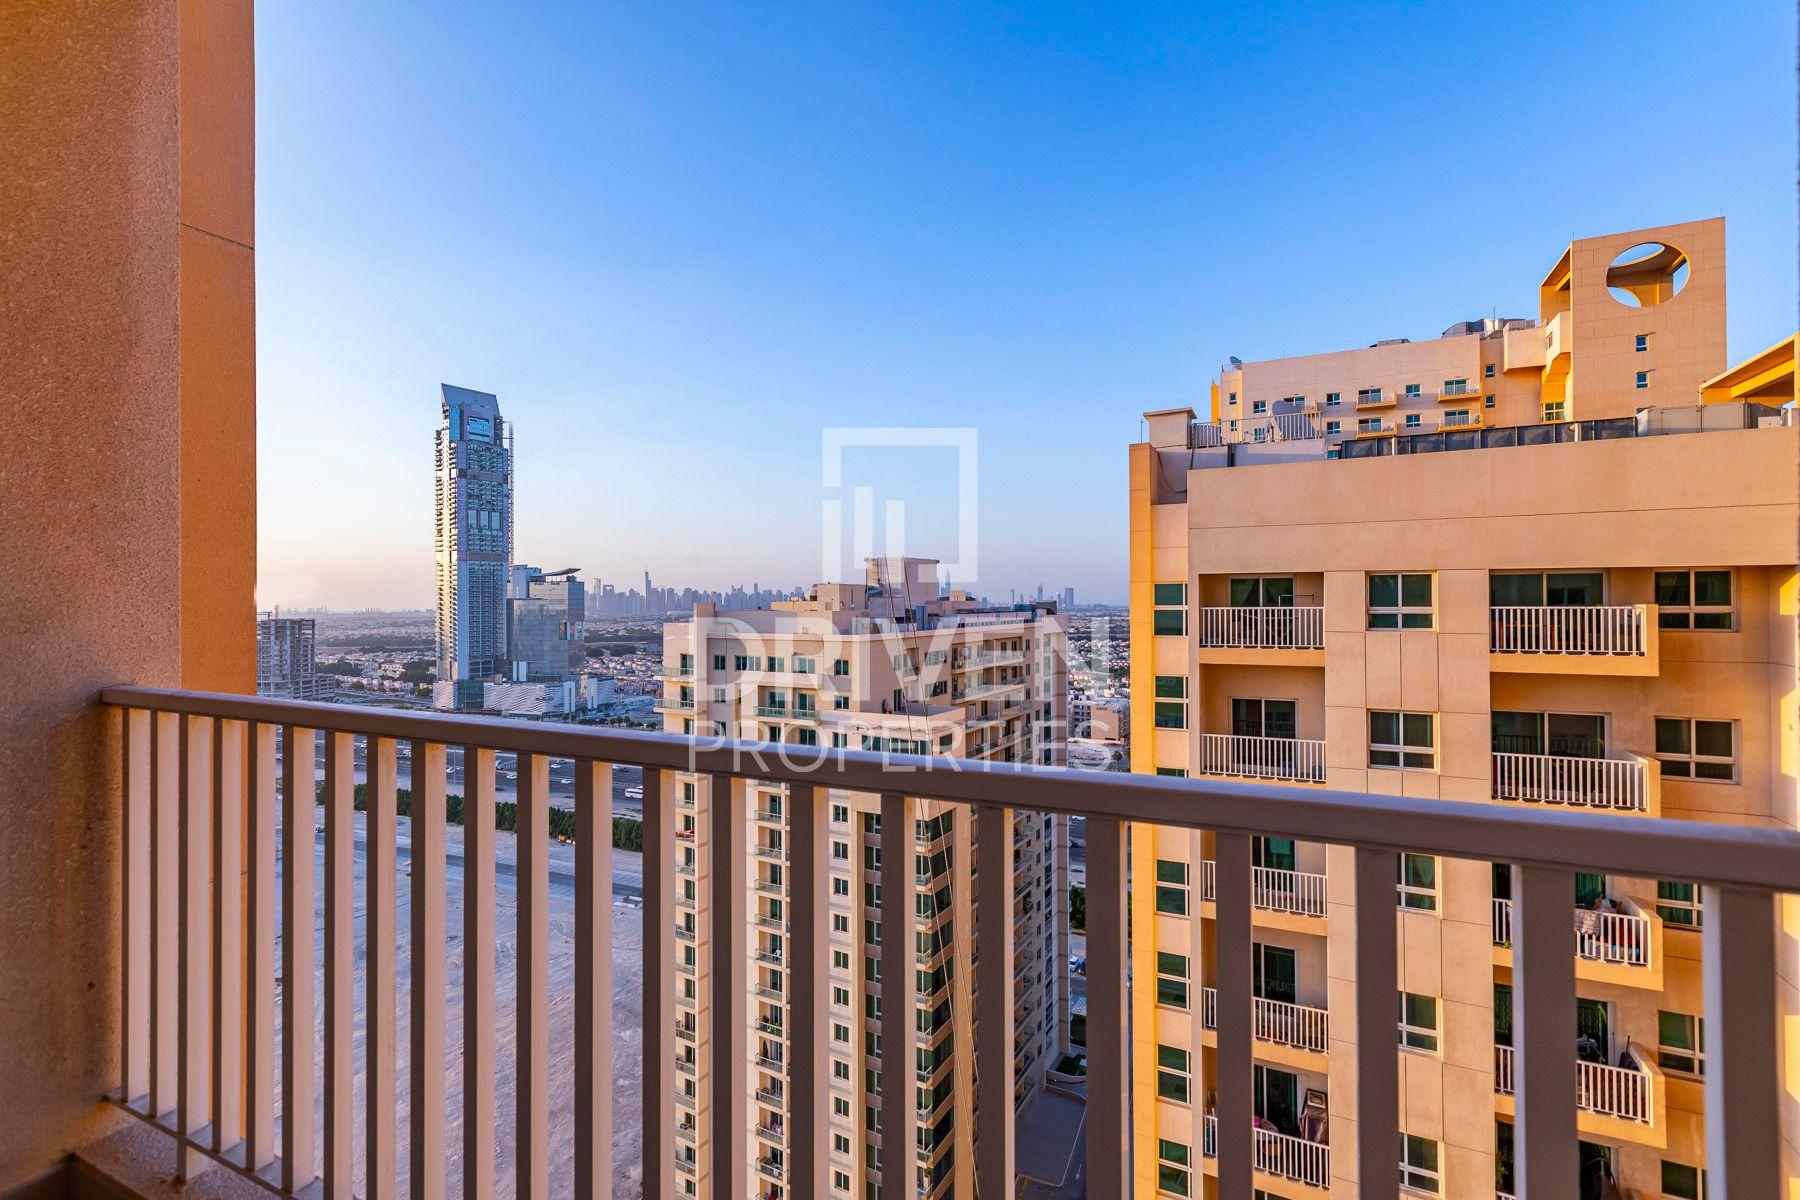 للايجار - شقة - سنتوريوم 4 - مدينة دبي للإنتاج (اي ام بي زد)